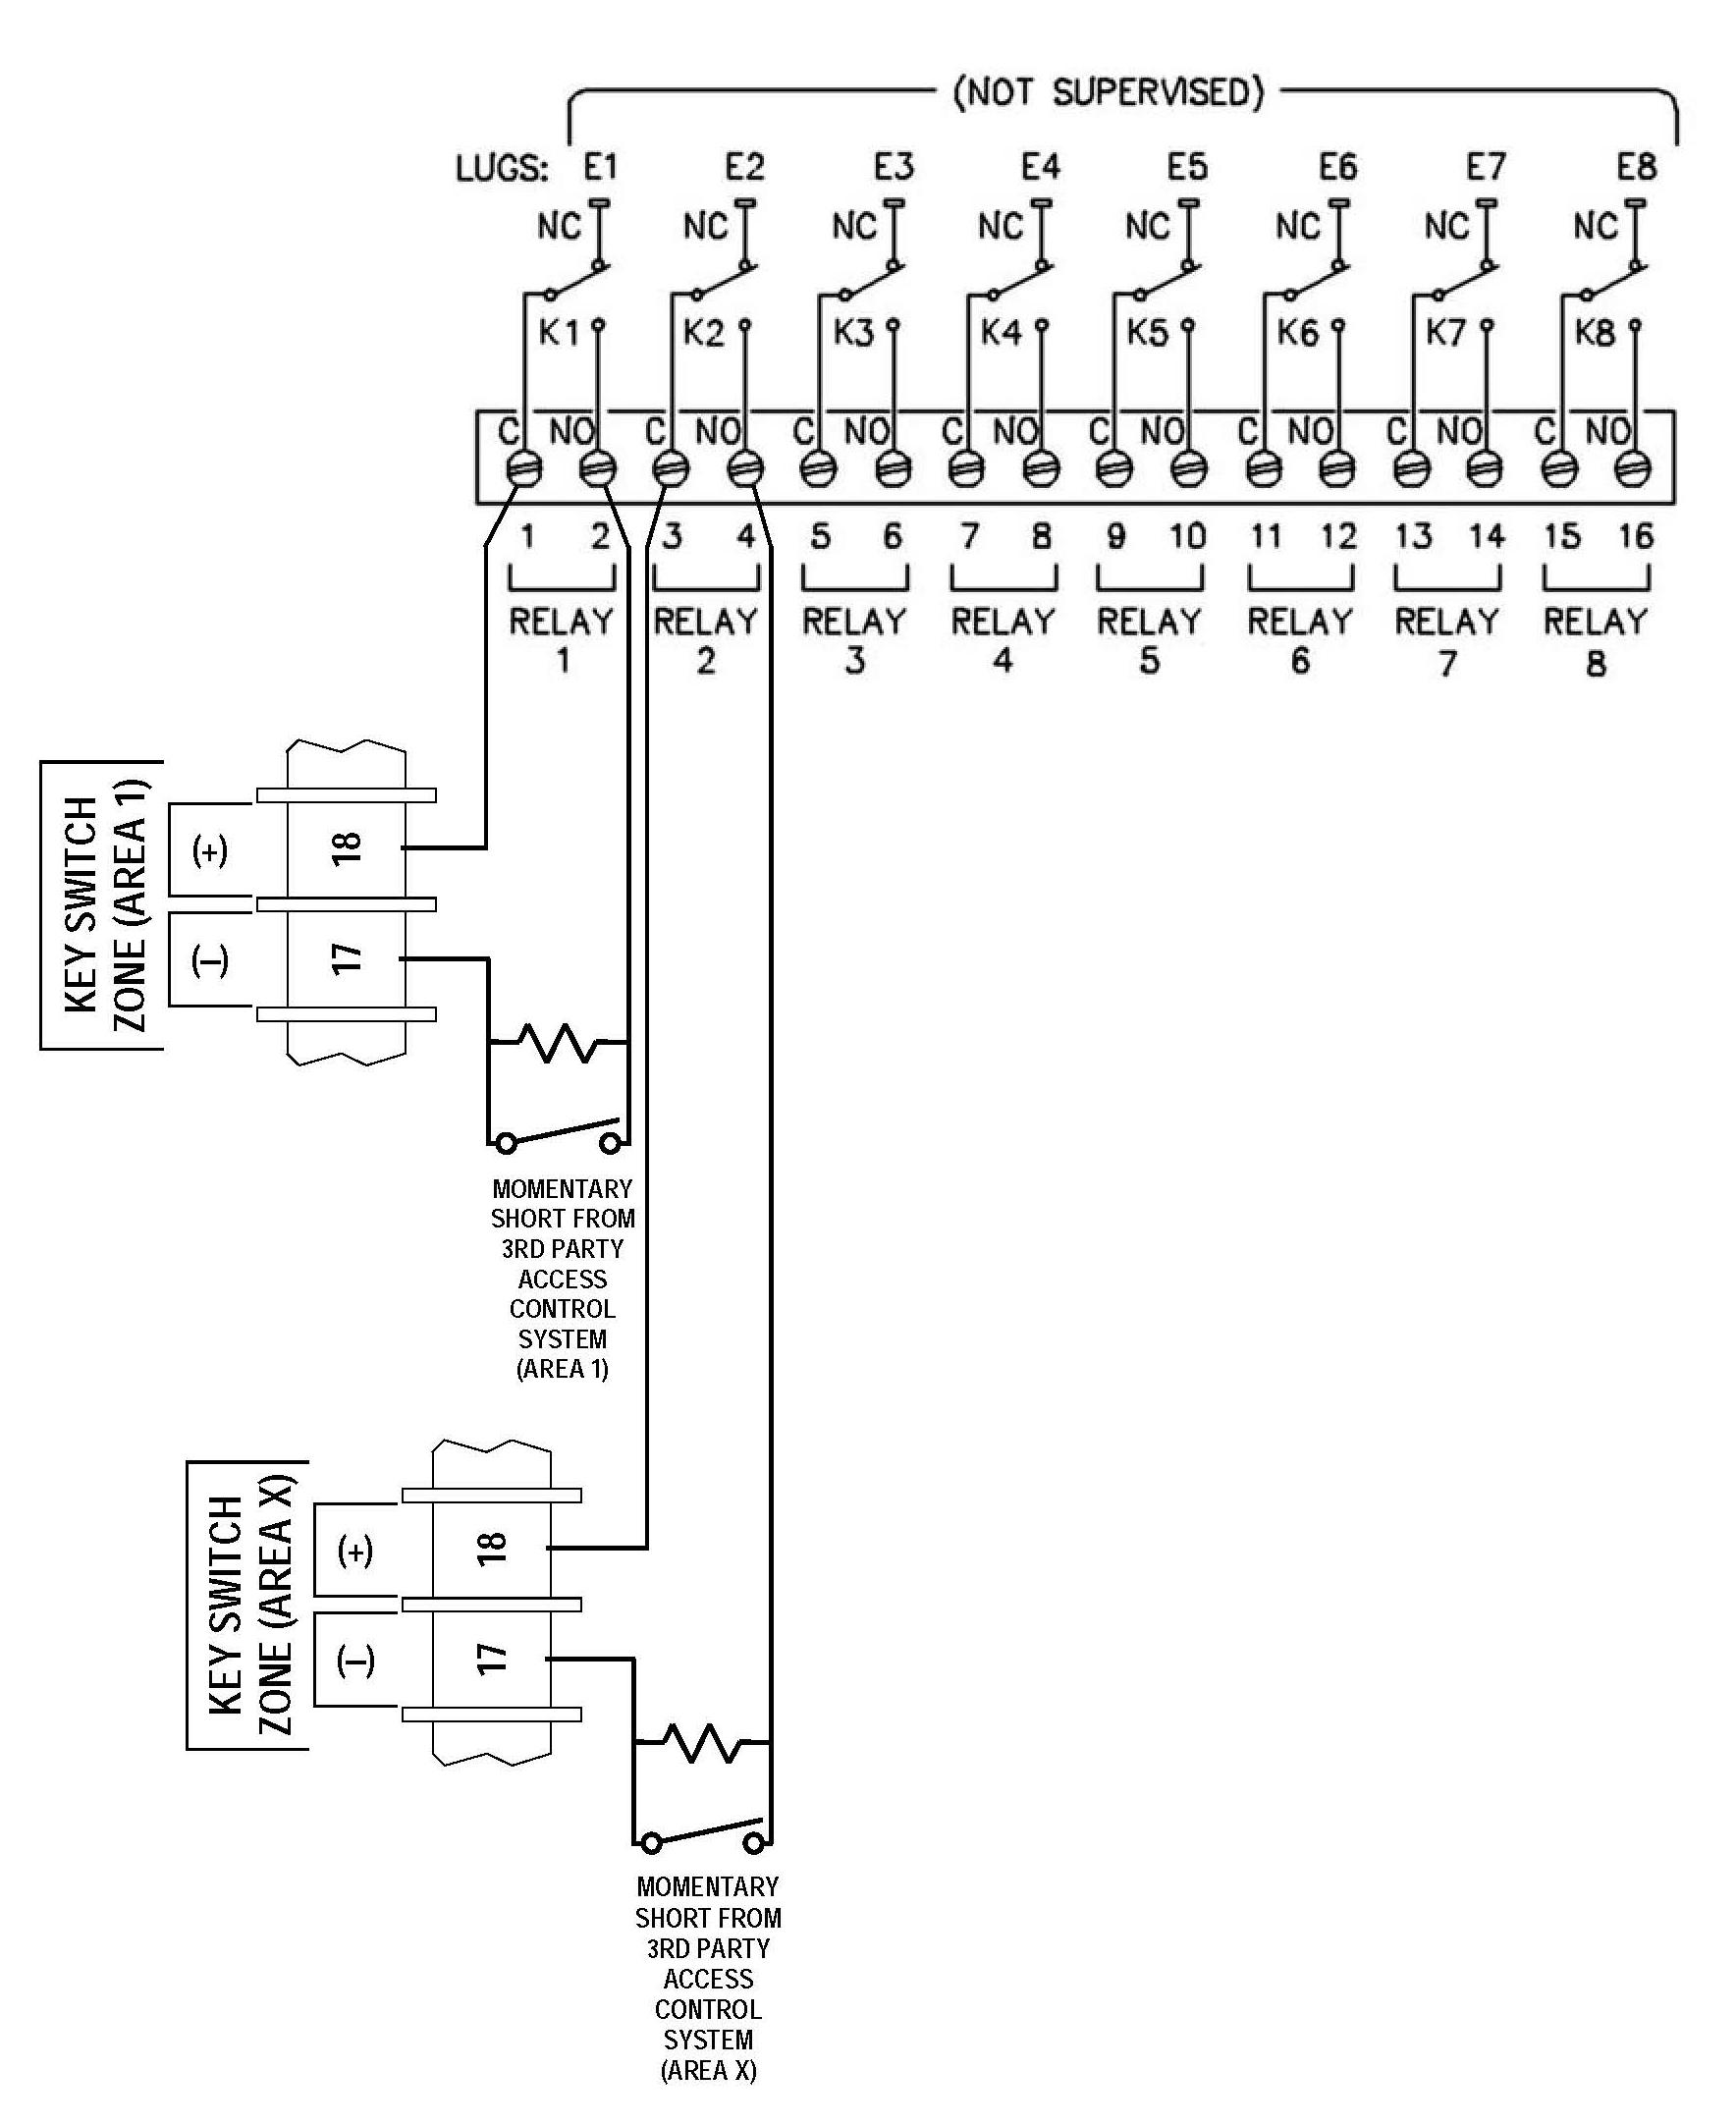 Napco technical library